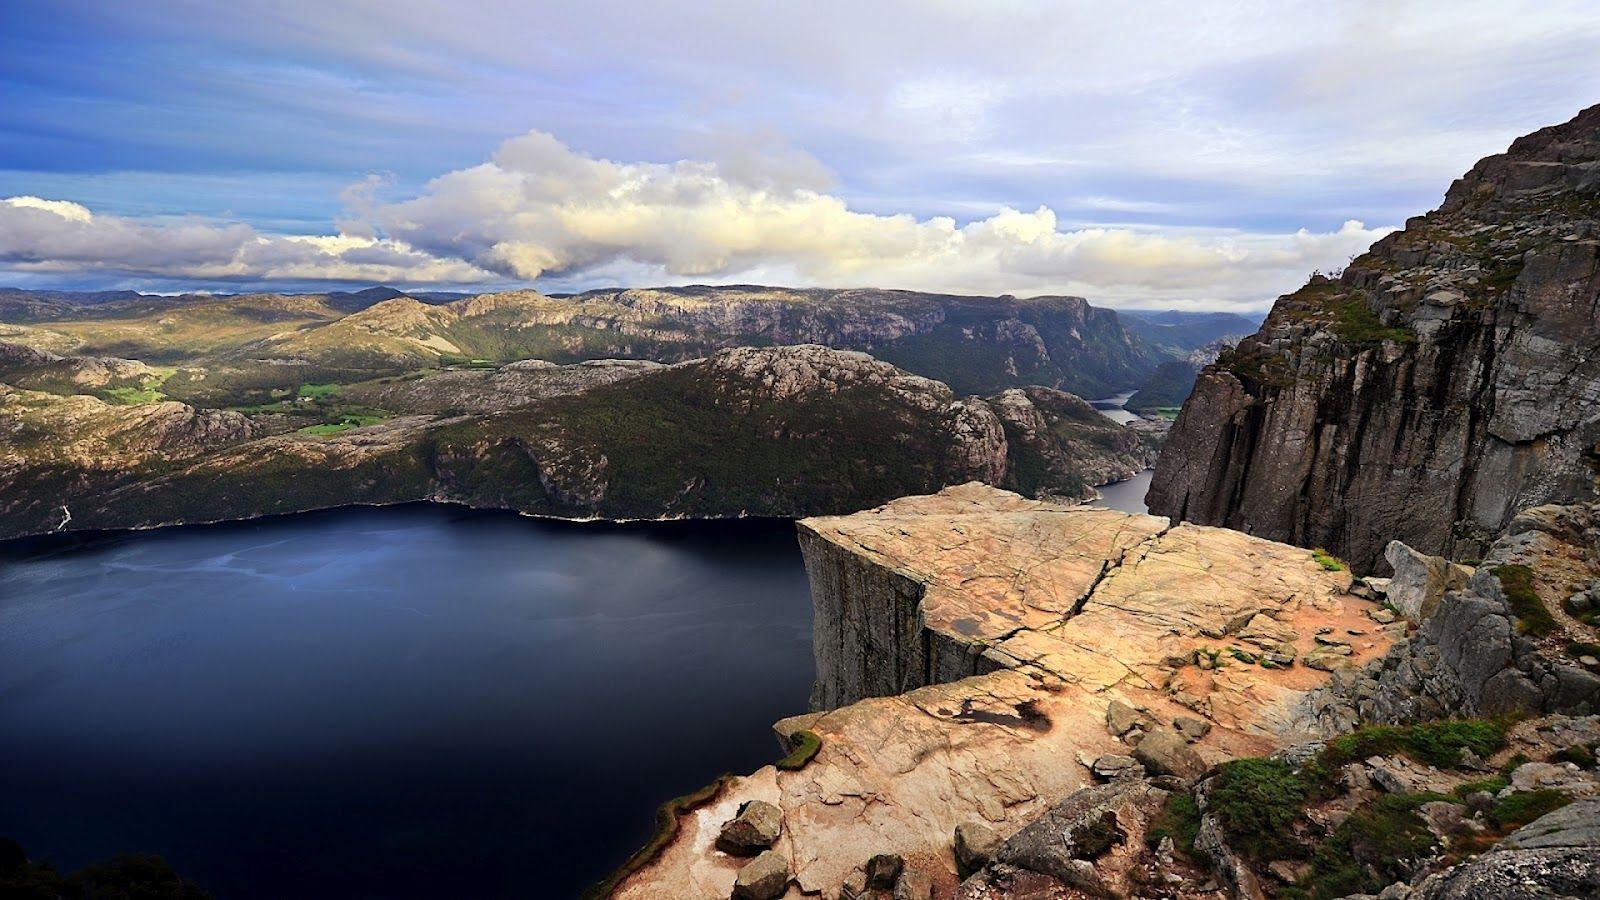 Preikestolen Pulpit Rock, Norway